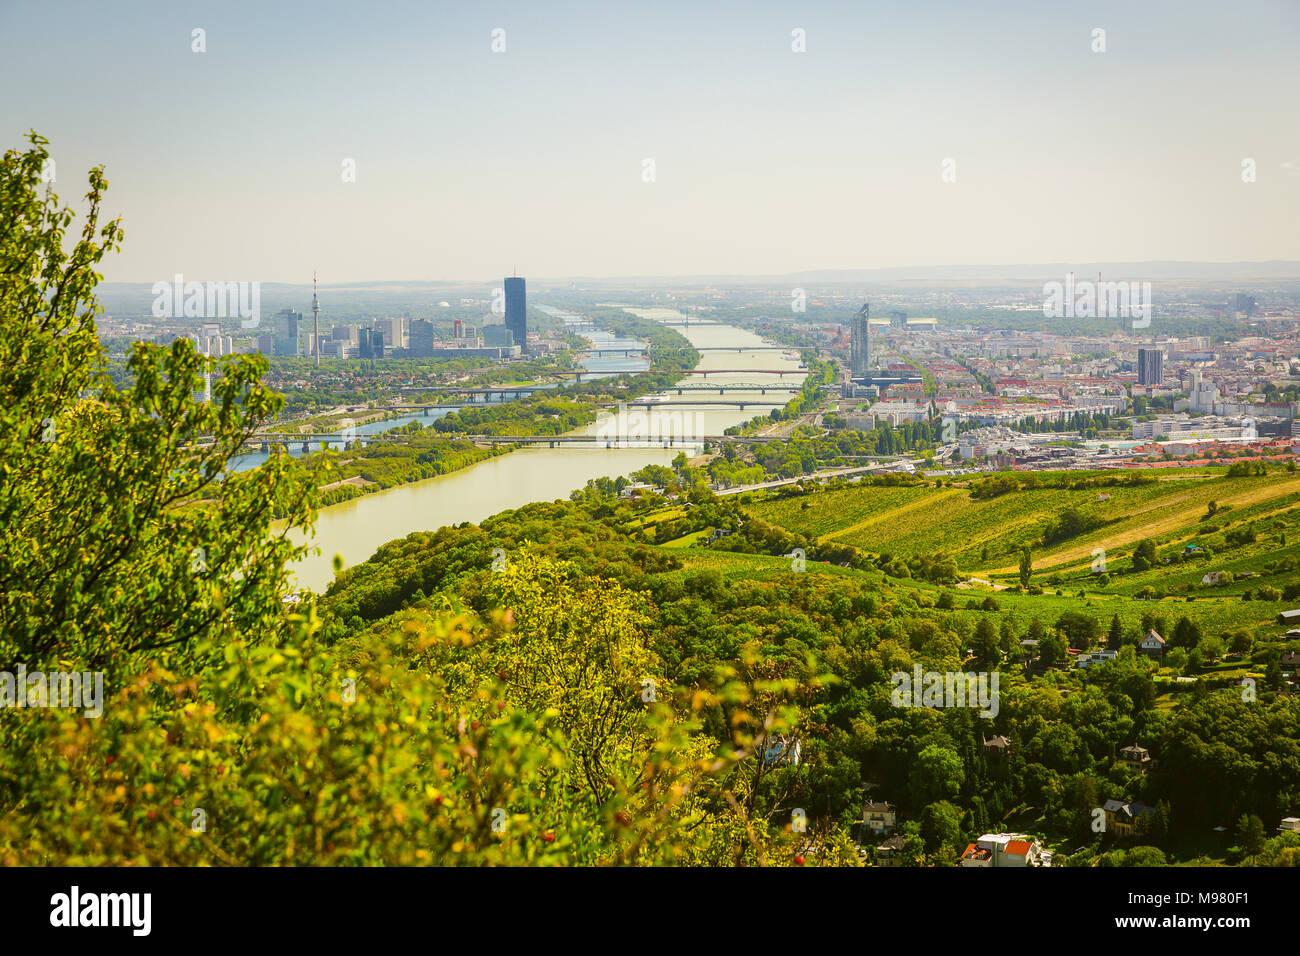 Blick auf Wien und Donau vom Leopoldsberg, Wien, Österreich - Stock Image